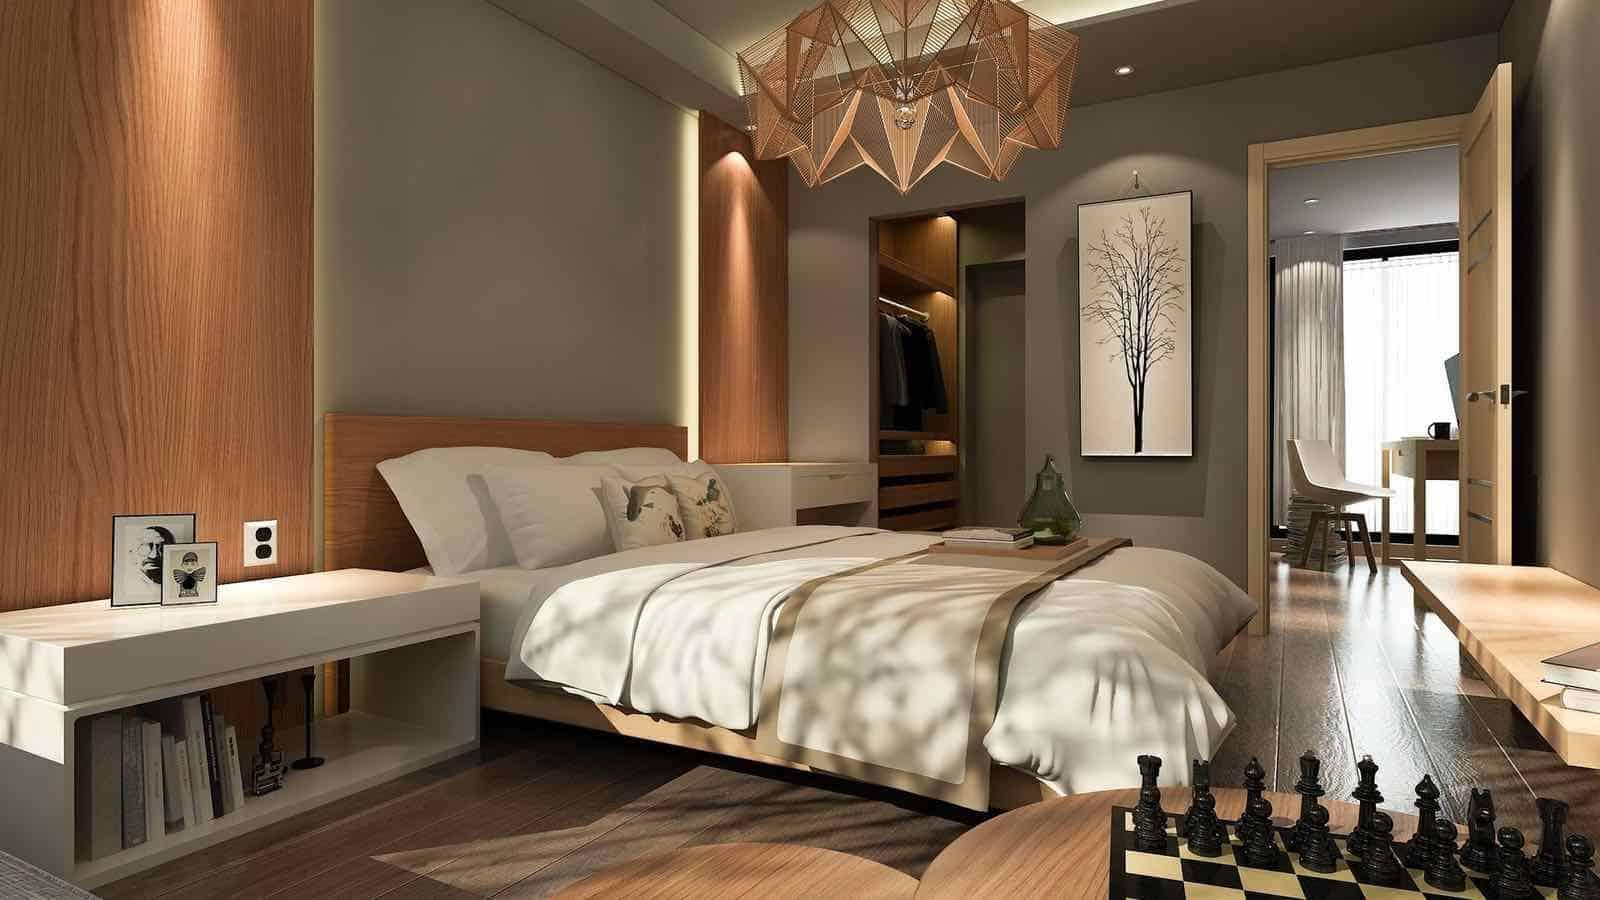 Romantisches Schlafzimmer: 7 Tolle Ideen und Bilder zur Gestaltung